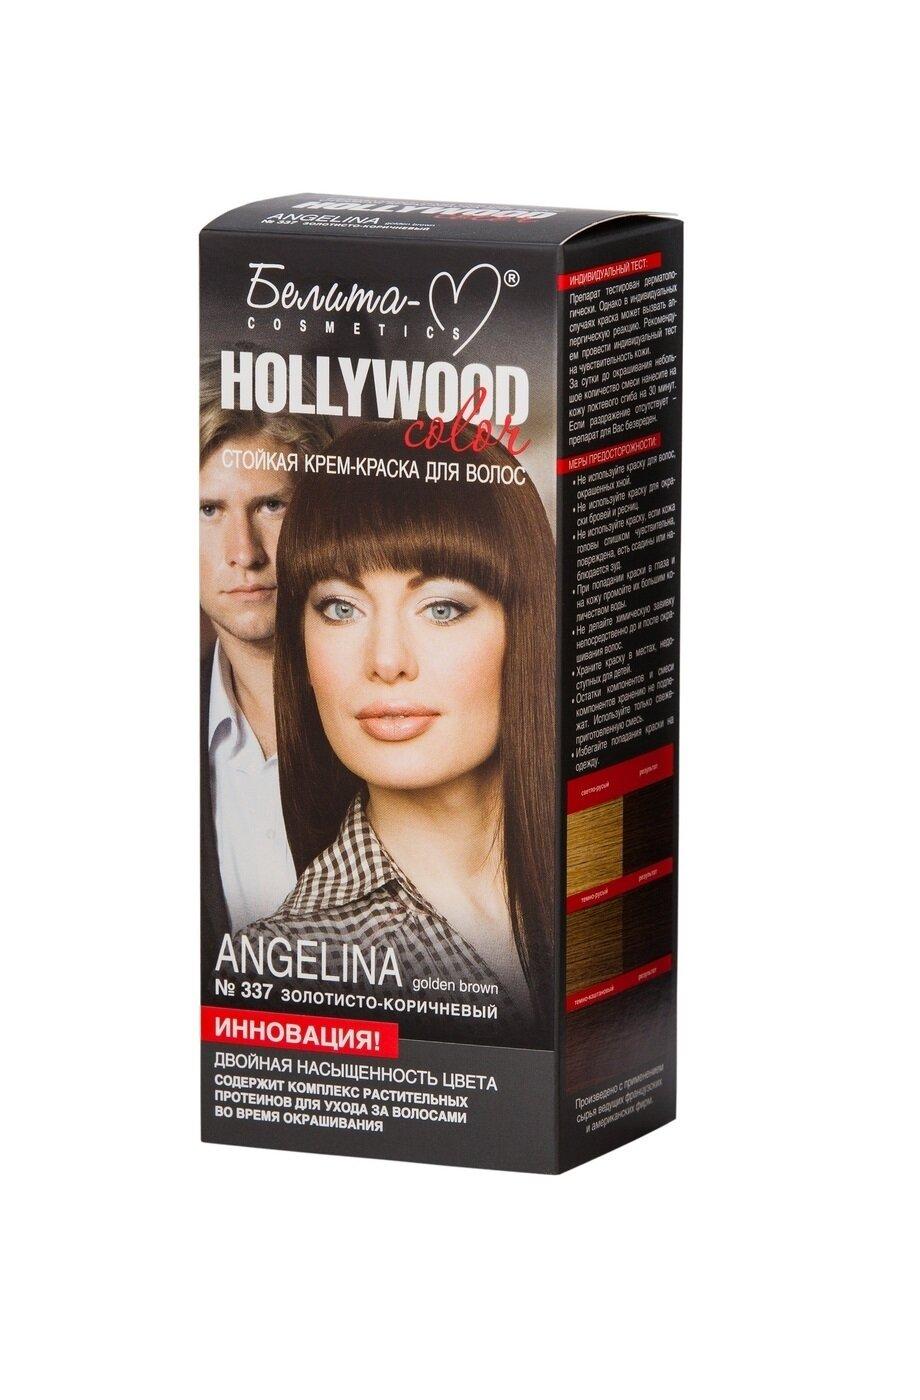 КРЕМ-КРАСКА стойка для волос Hollywood color | тон 337 Angelina (золотисто-коричневый) | Belita-M